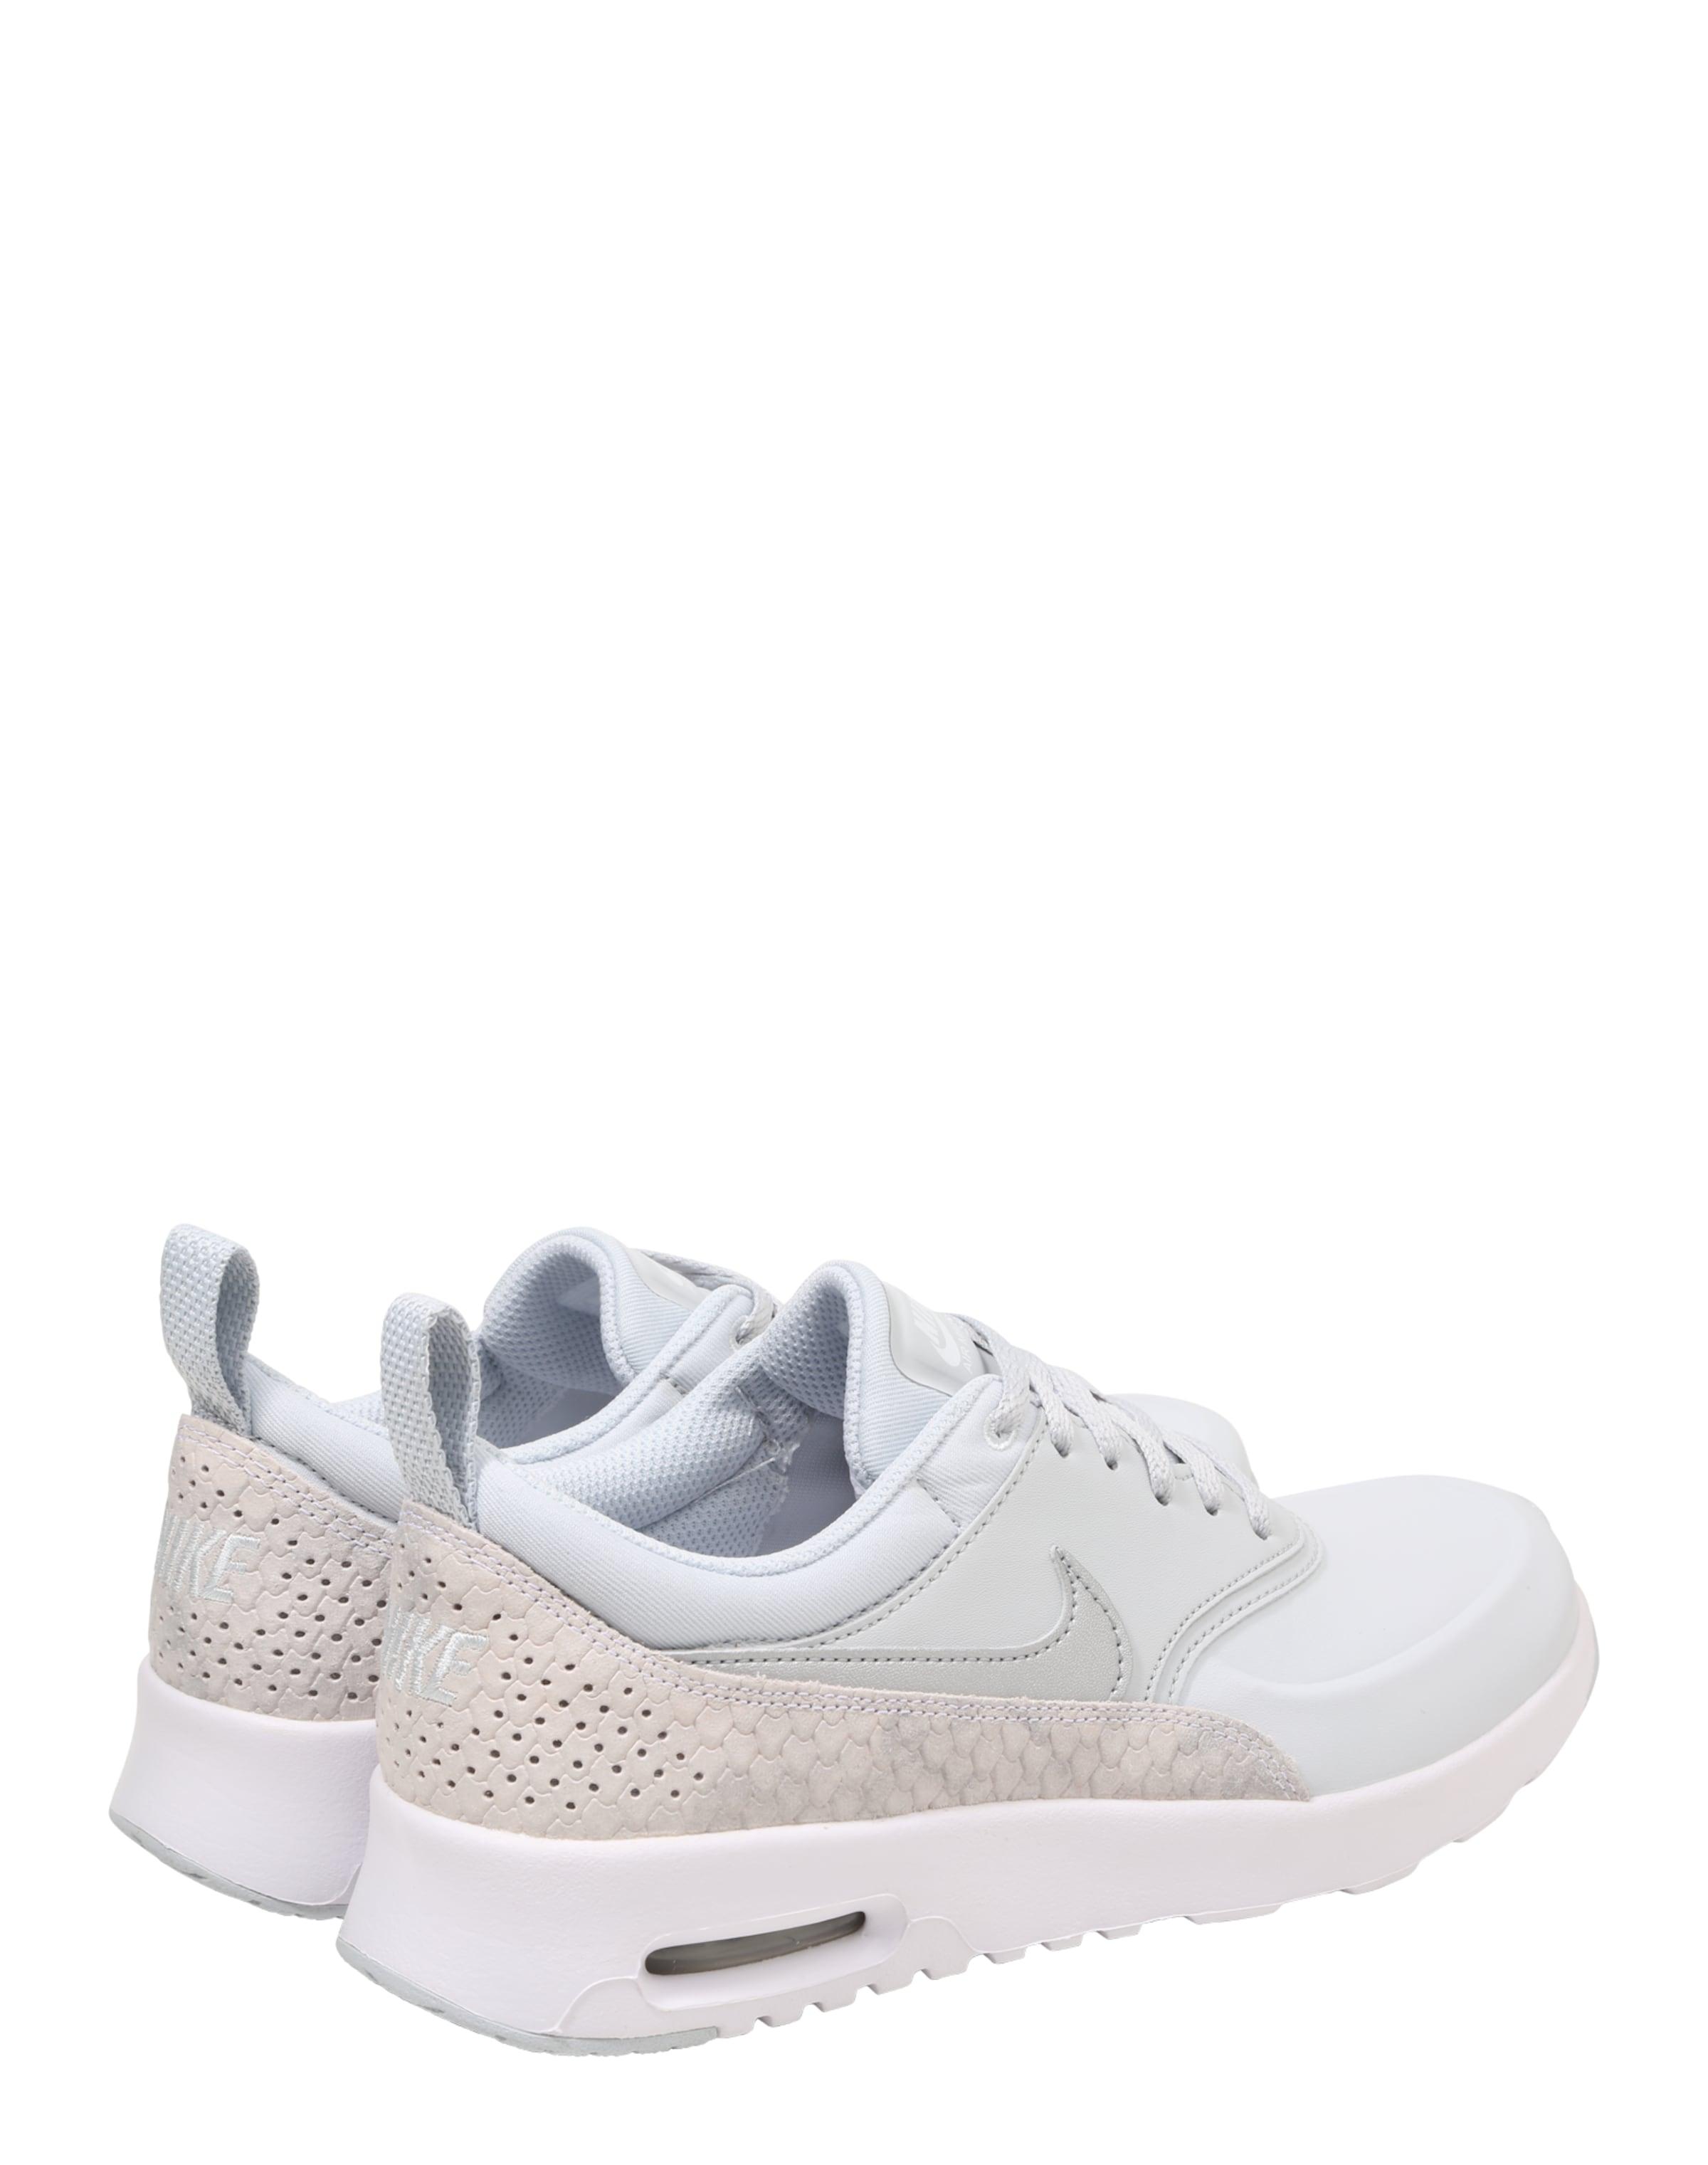 Spielraum Niedriger Preis Austritt Ansicht Nike Sportswear Sneaker 'Air Max Thea' Verkauf Angebote Spielraum Besuch In Deutschland Verkauf Online tcuRJmoEQ